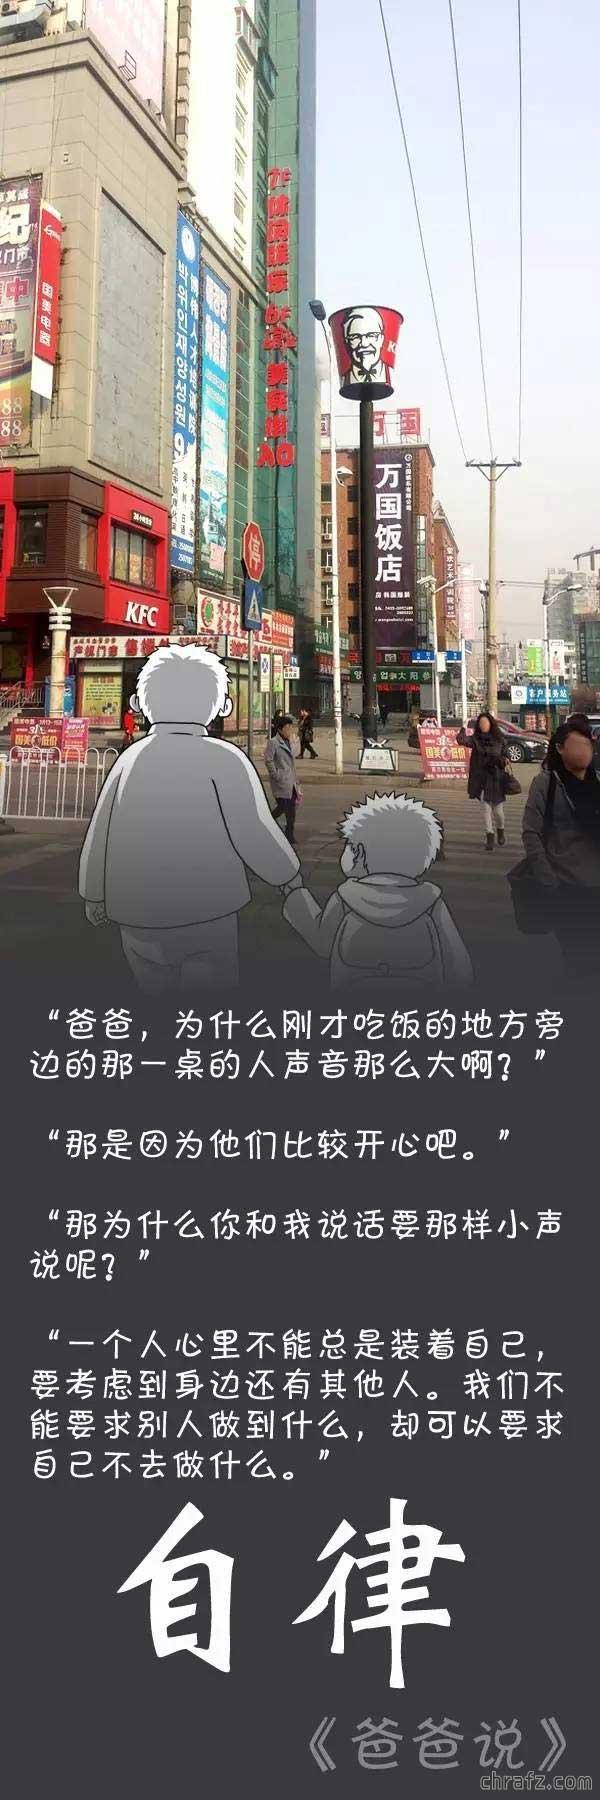 【知说】怎样教育孩子爸爸说!!